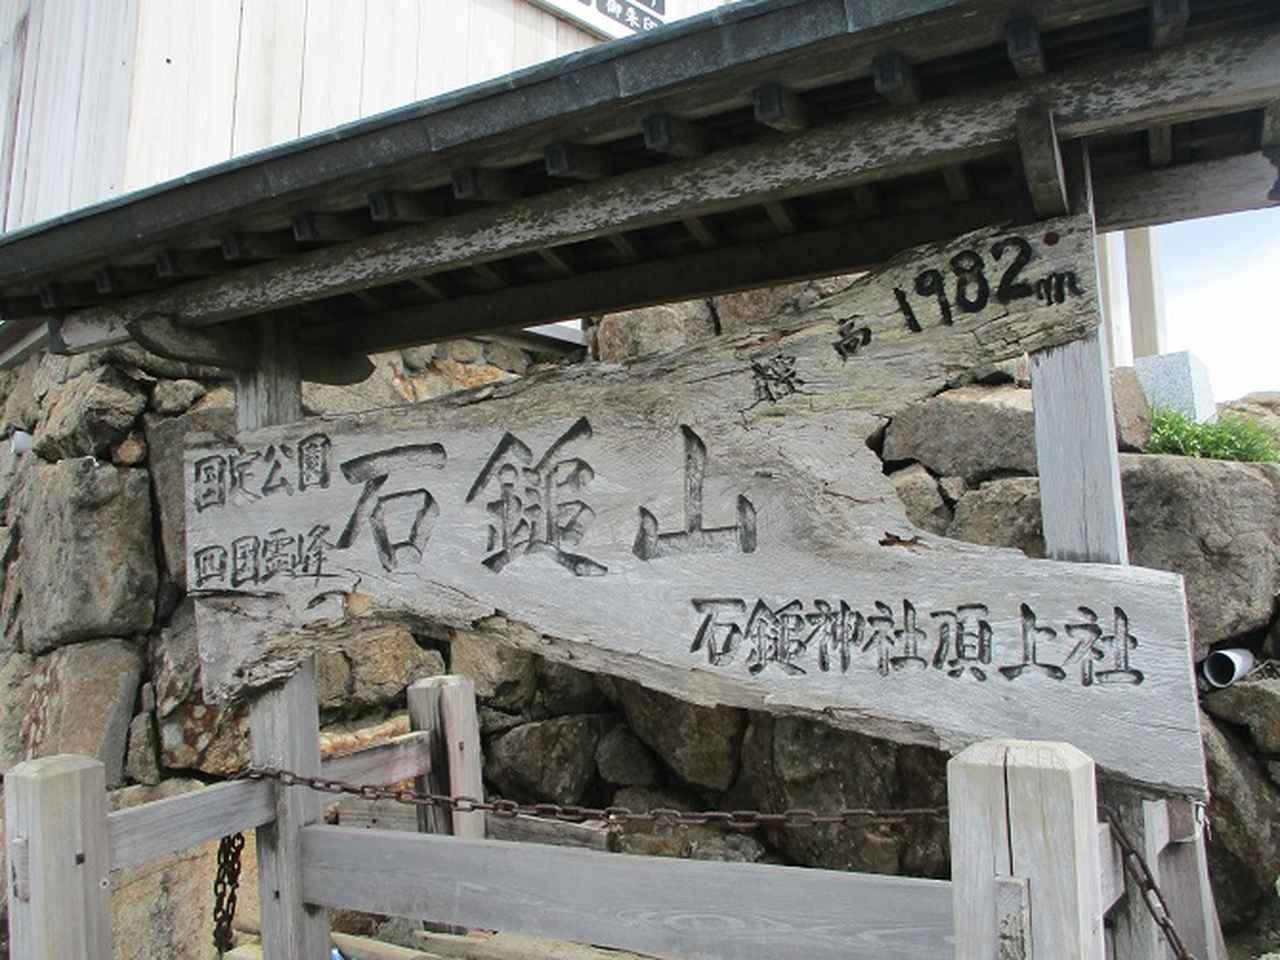 画像8: 5月28日より2泊3日で山旅会 「石鎚山と剣山」 ツアーに行ってきました!